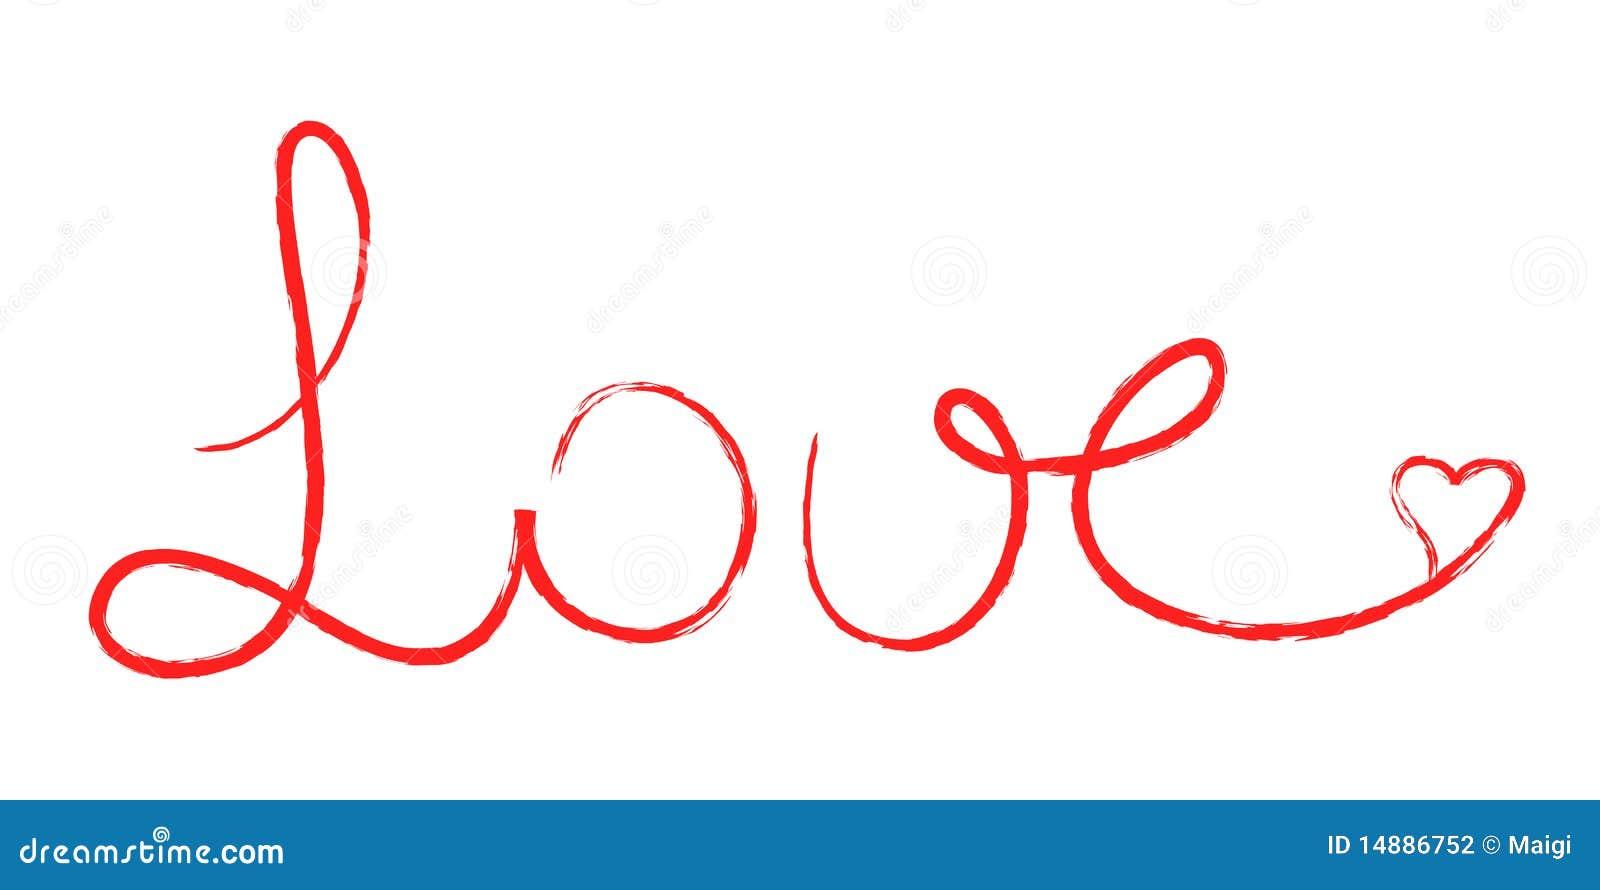 Bubble Letters Love You